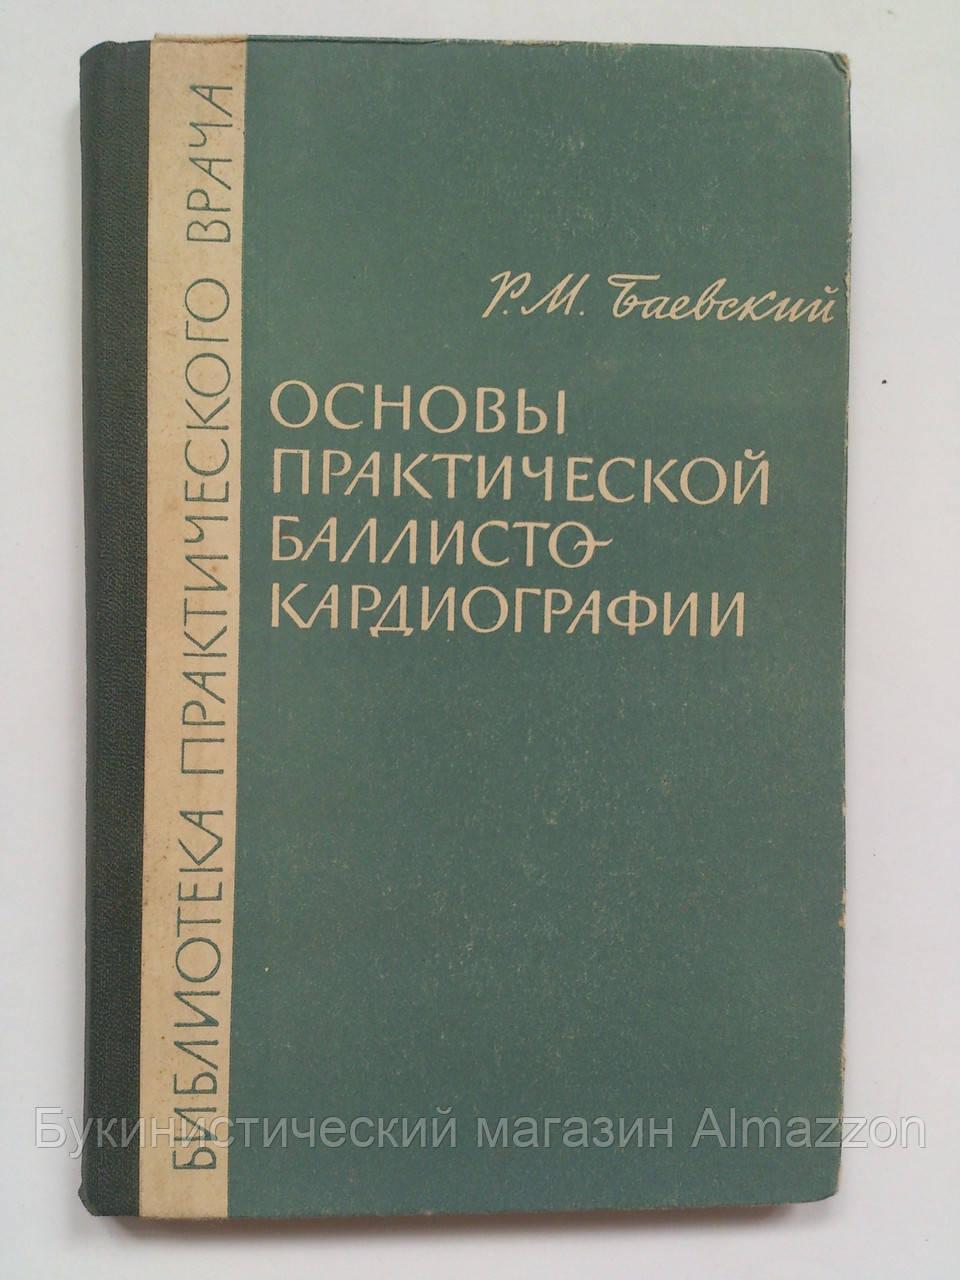 Баевский Р.М. Основы практической баллистокардиографии. Серия: Библиотека практического врача. 1962 год